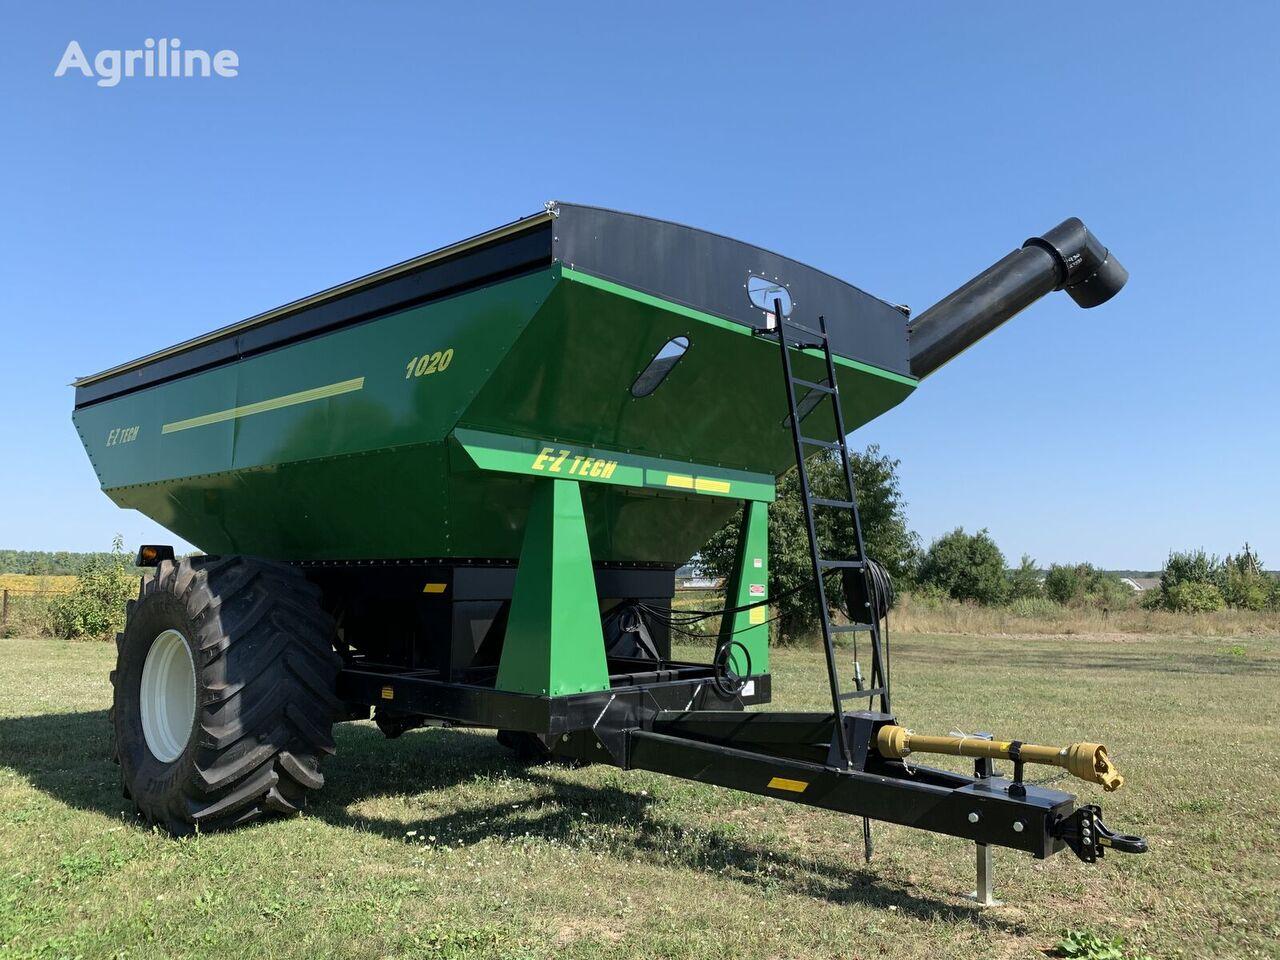 новий бункер-перевантажувач зерна EZ-Tech 1020